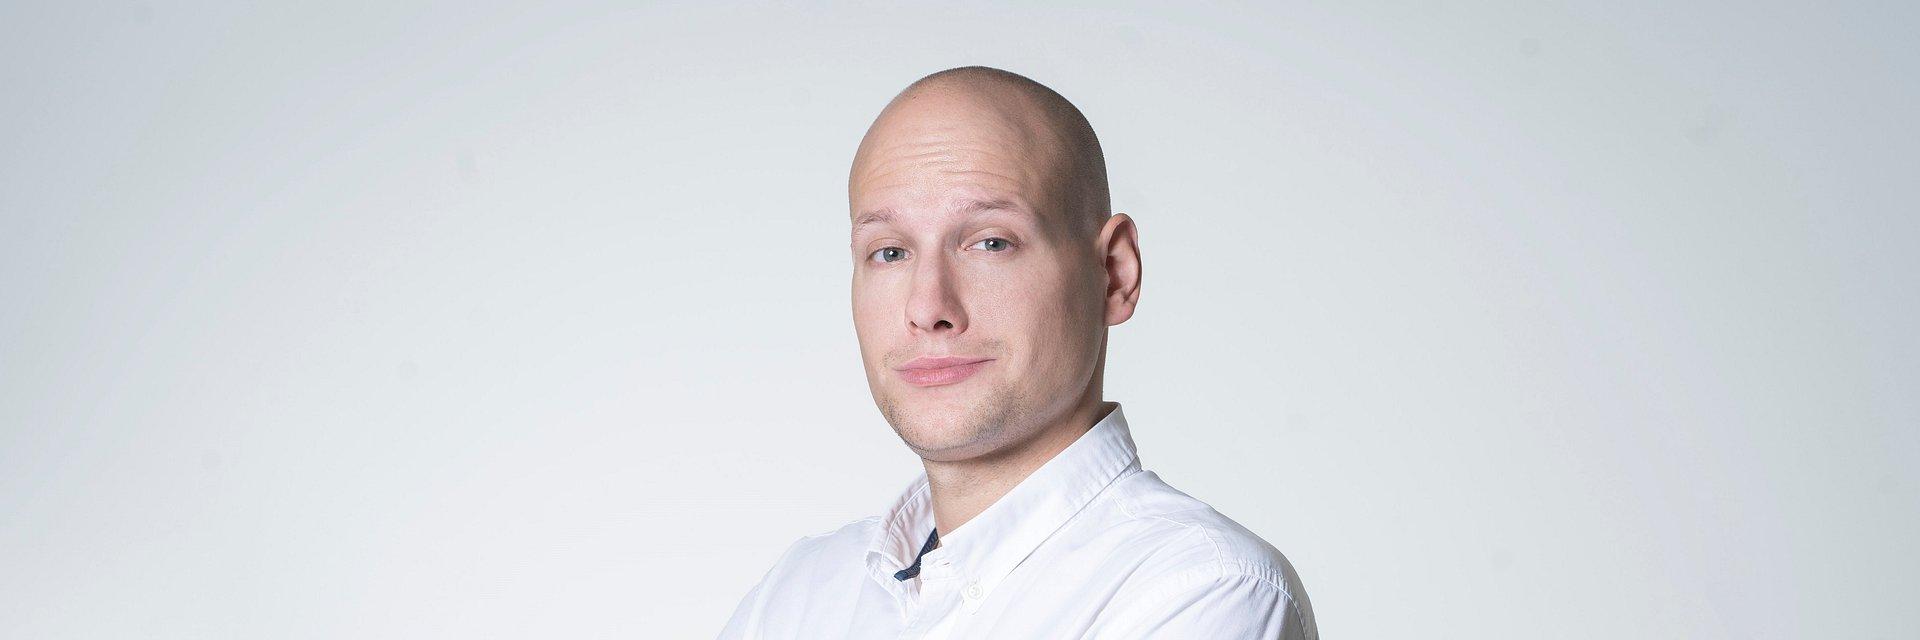 Roman Dudziński awansuje na Digital Directora